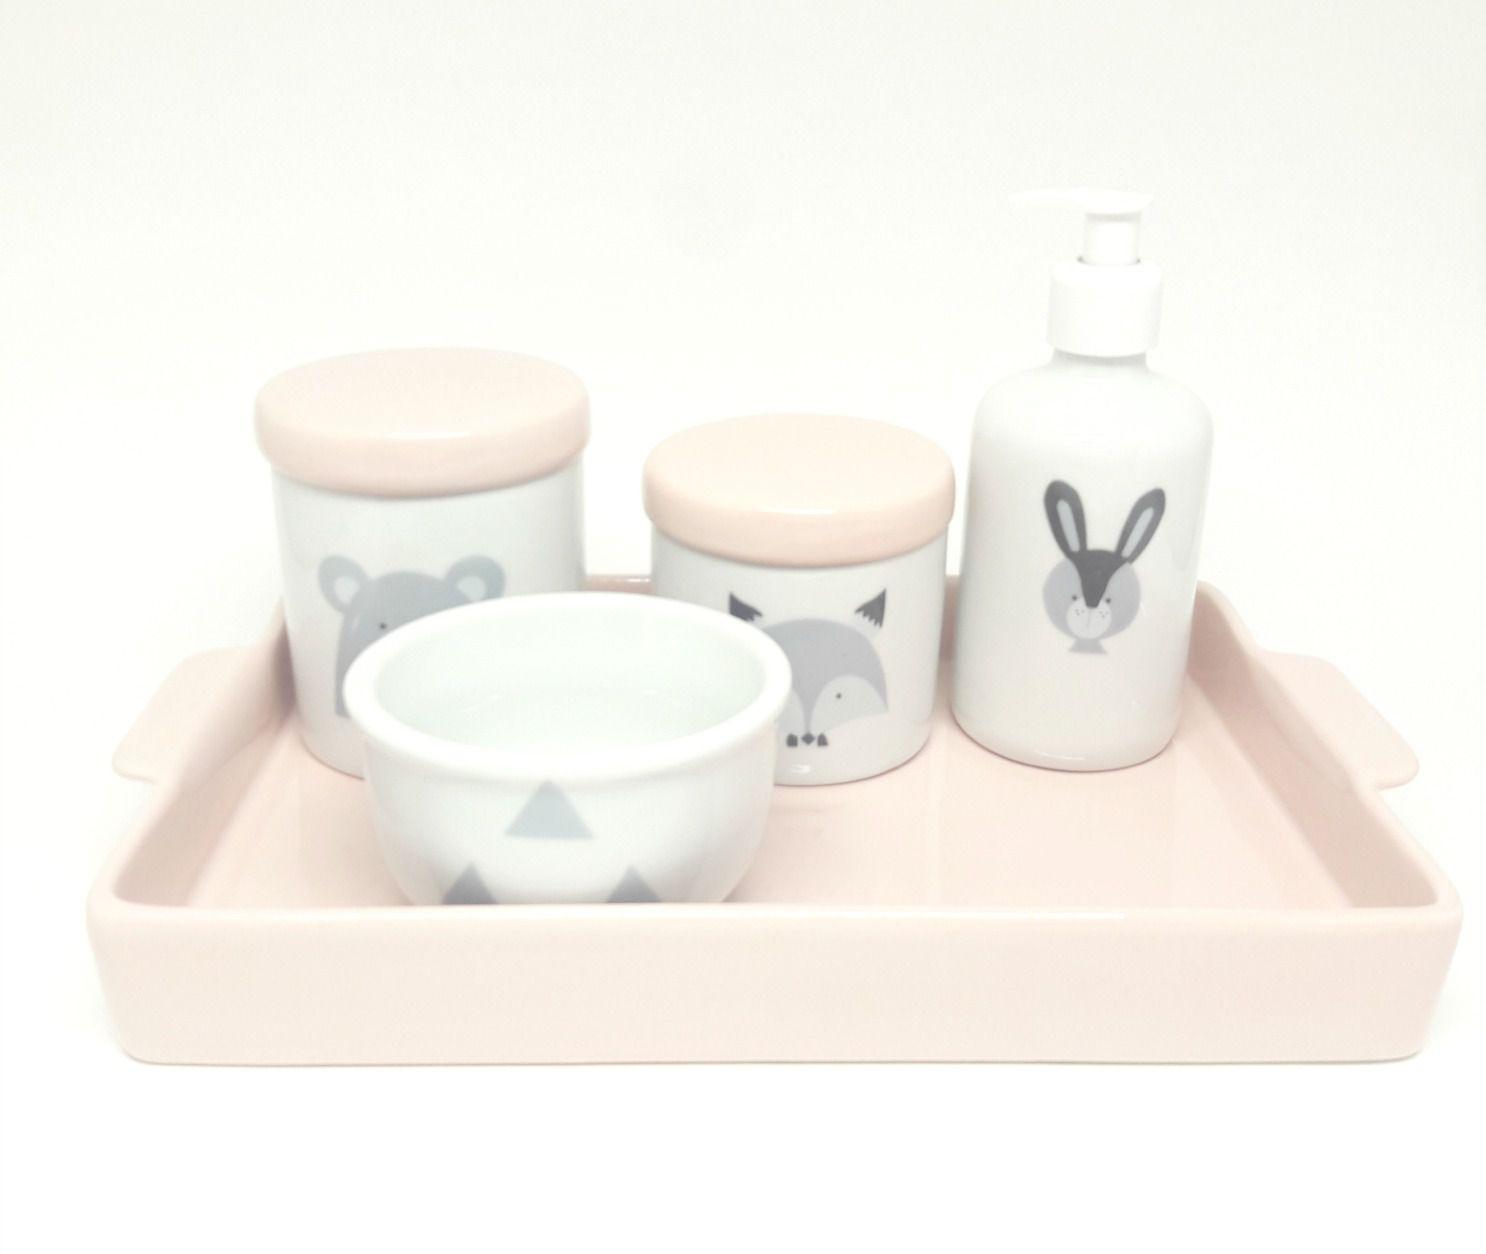 Kit Higiene Bebê Porcelana Escandinavo Rosa Antigo Urso e Raposa | Bandeja Cerâmica Retangular 20 por 30 cm